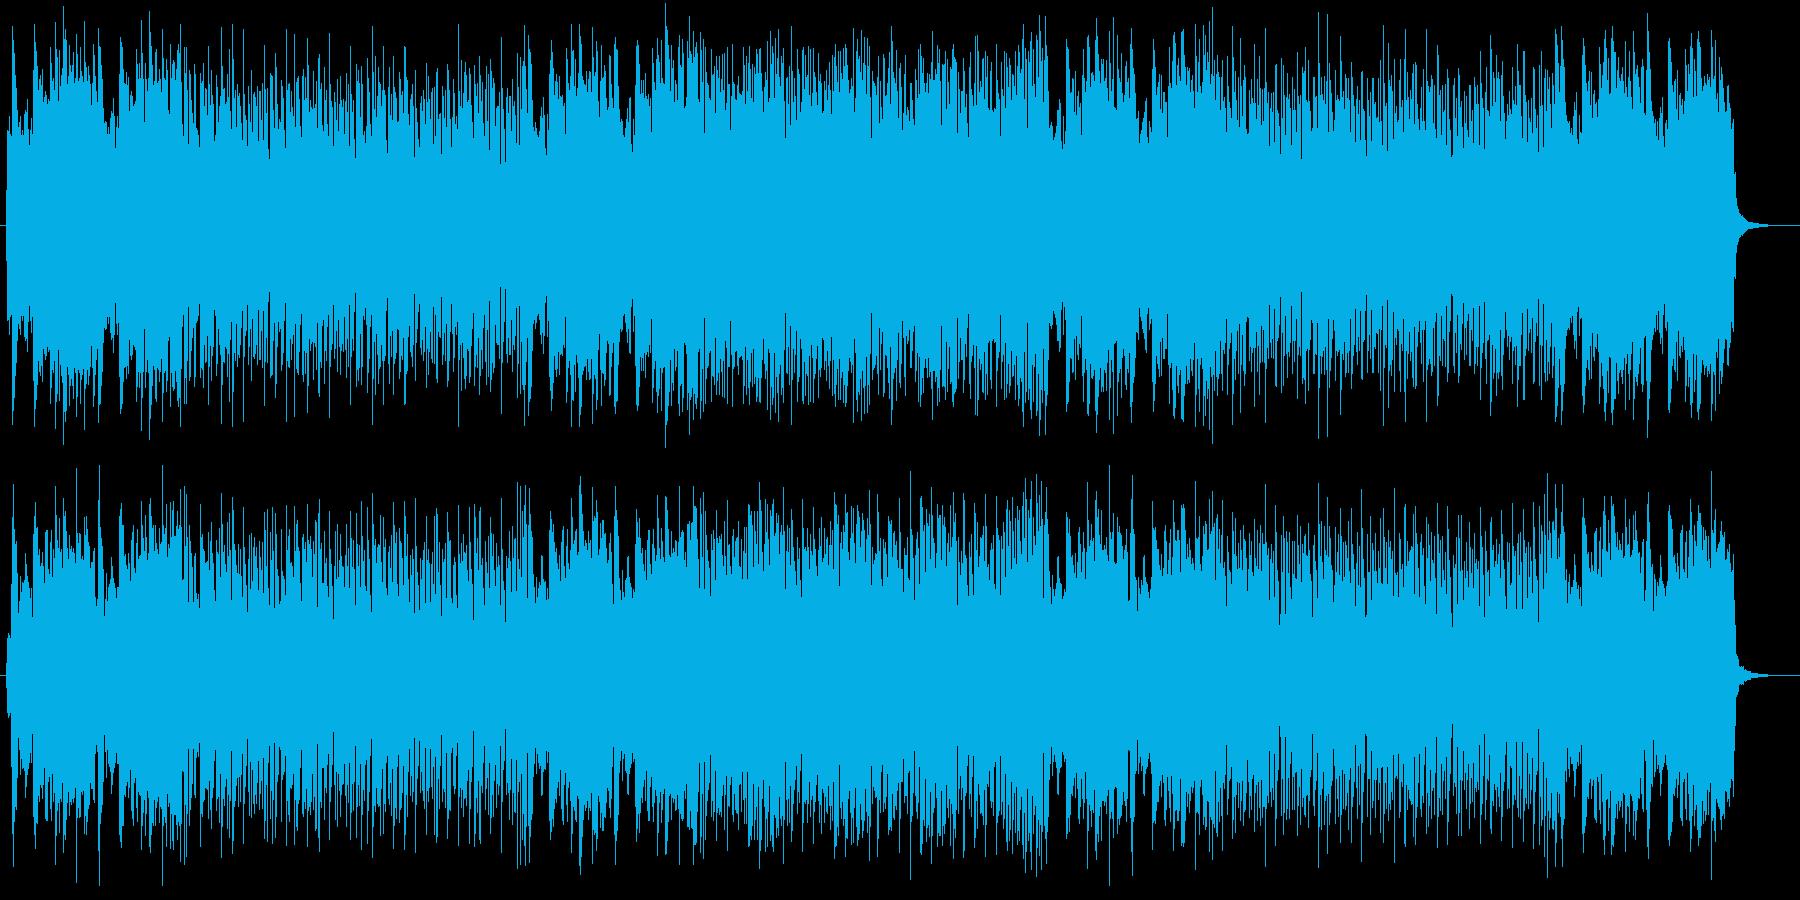 壮大な印象のオーケストラシンセの再生済みの波形